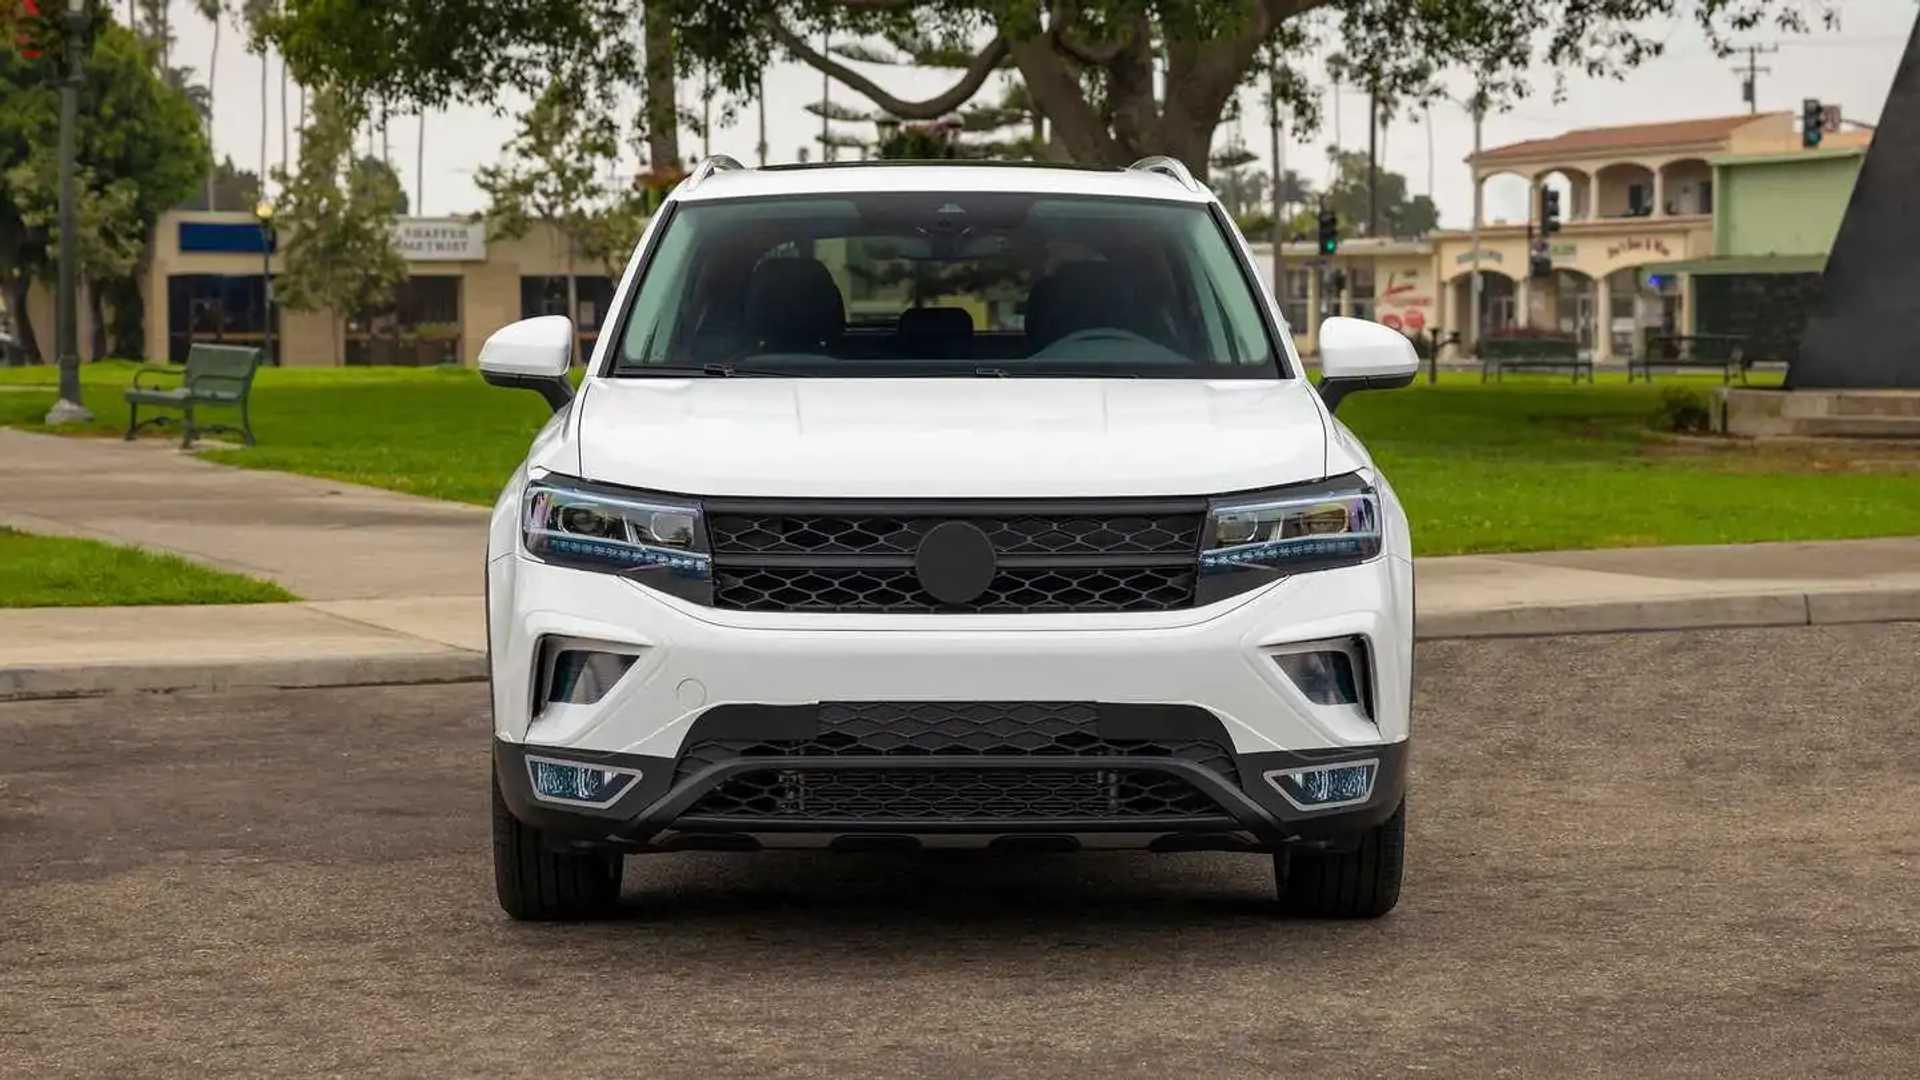 Volkswagen Taos 2022 (Prototype) - Front